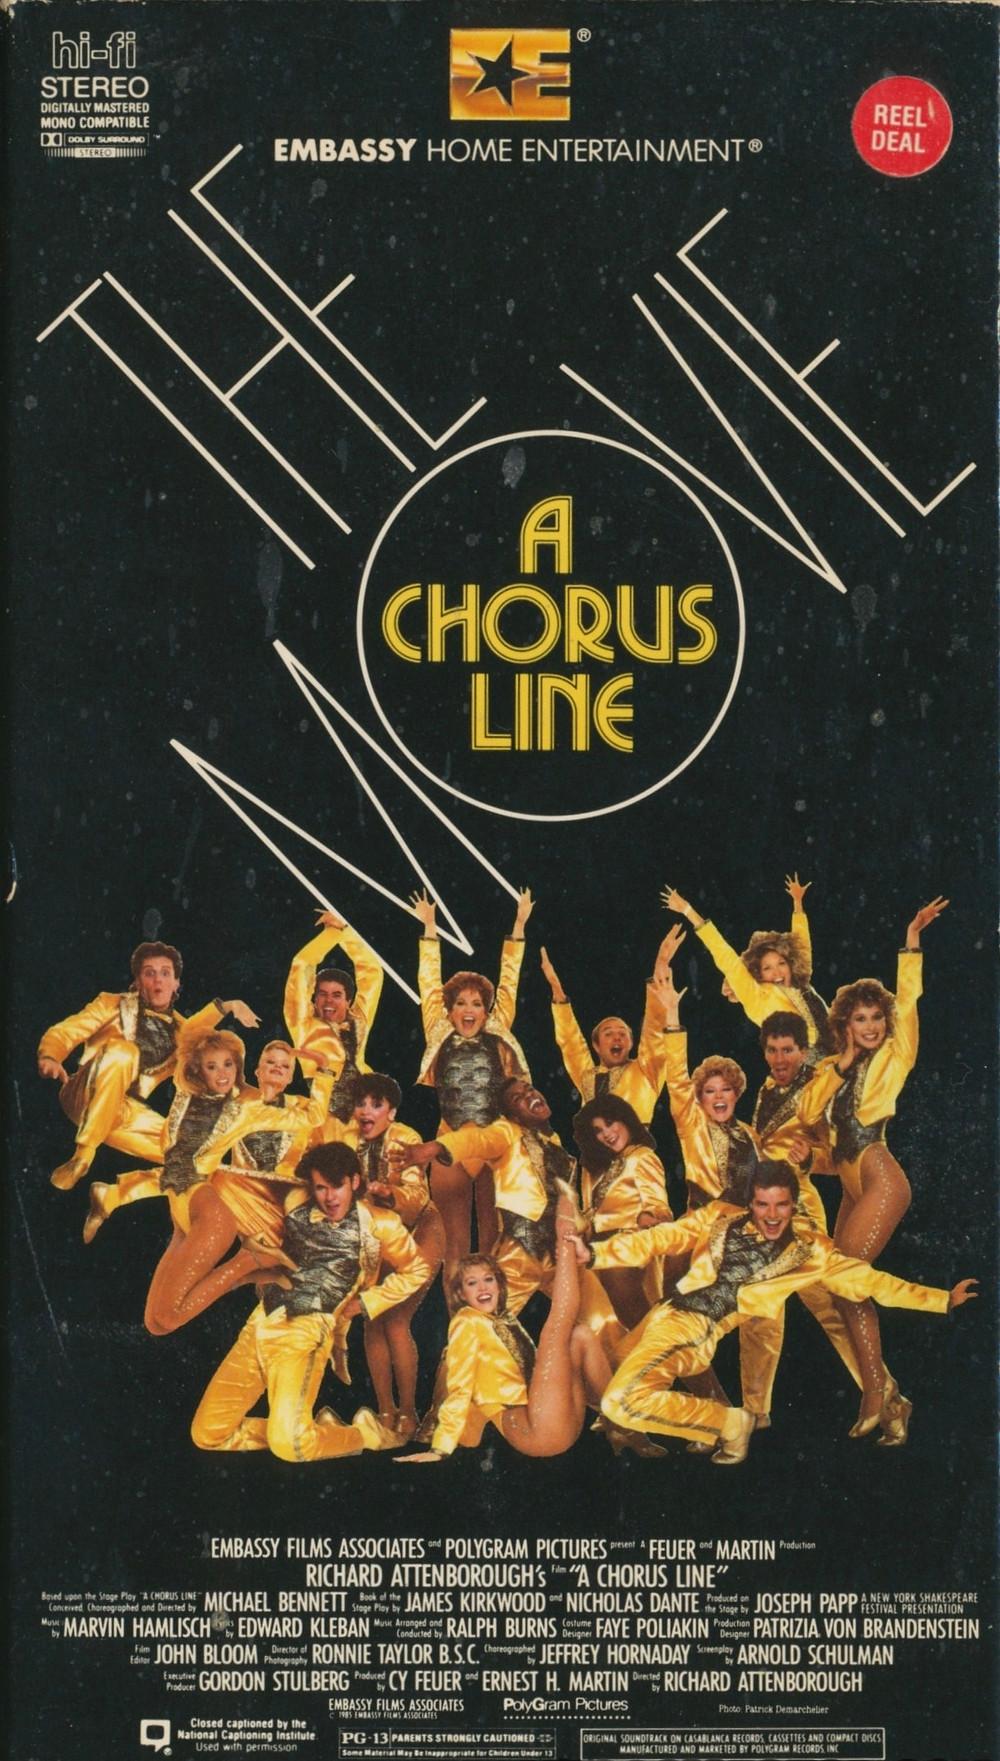 A Chorus Line VHS Box